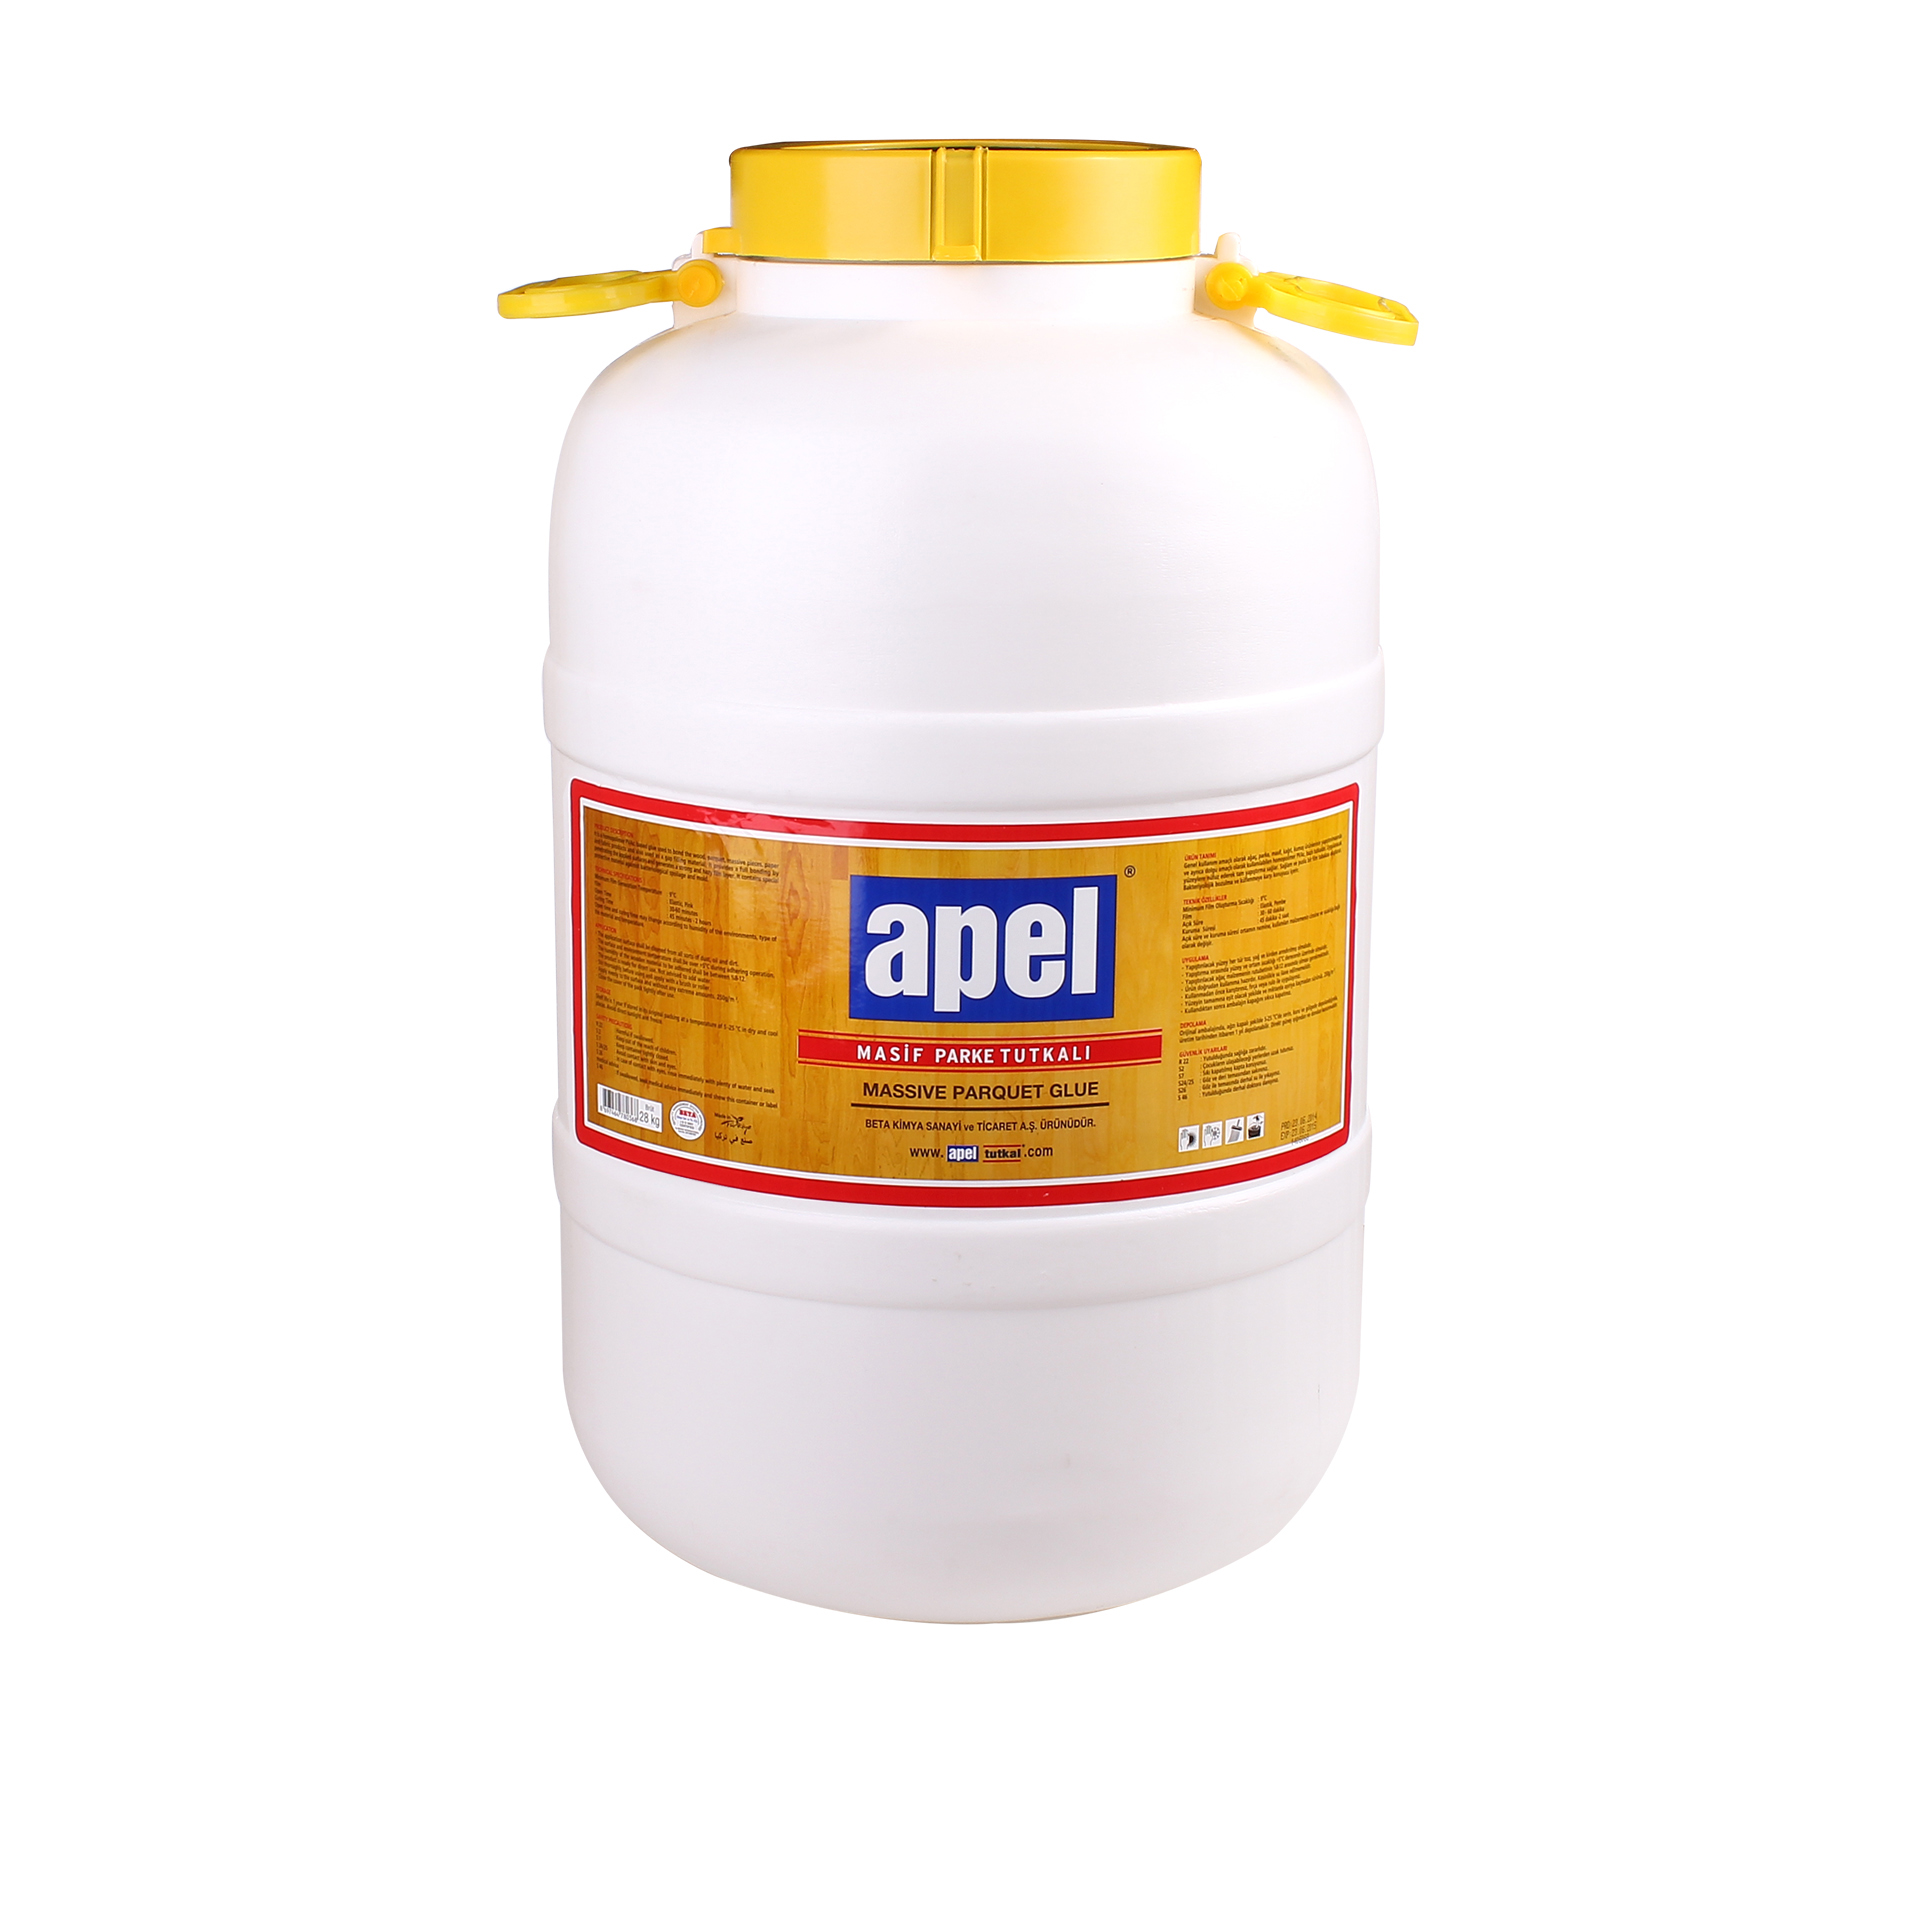 APEL Massive Parquet Glue_2